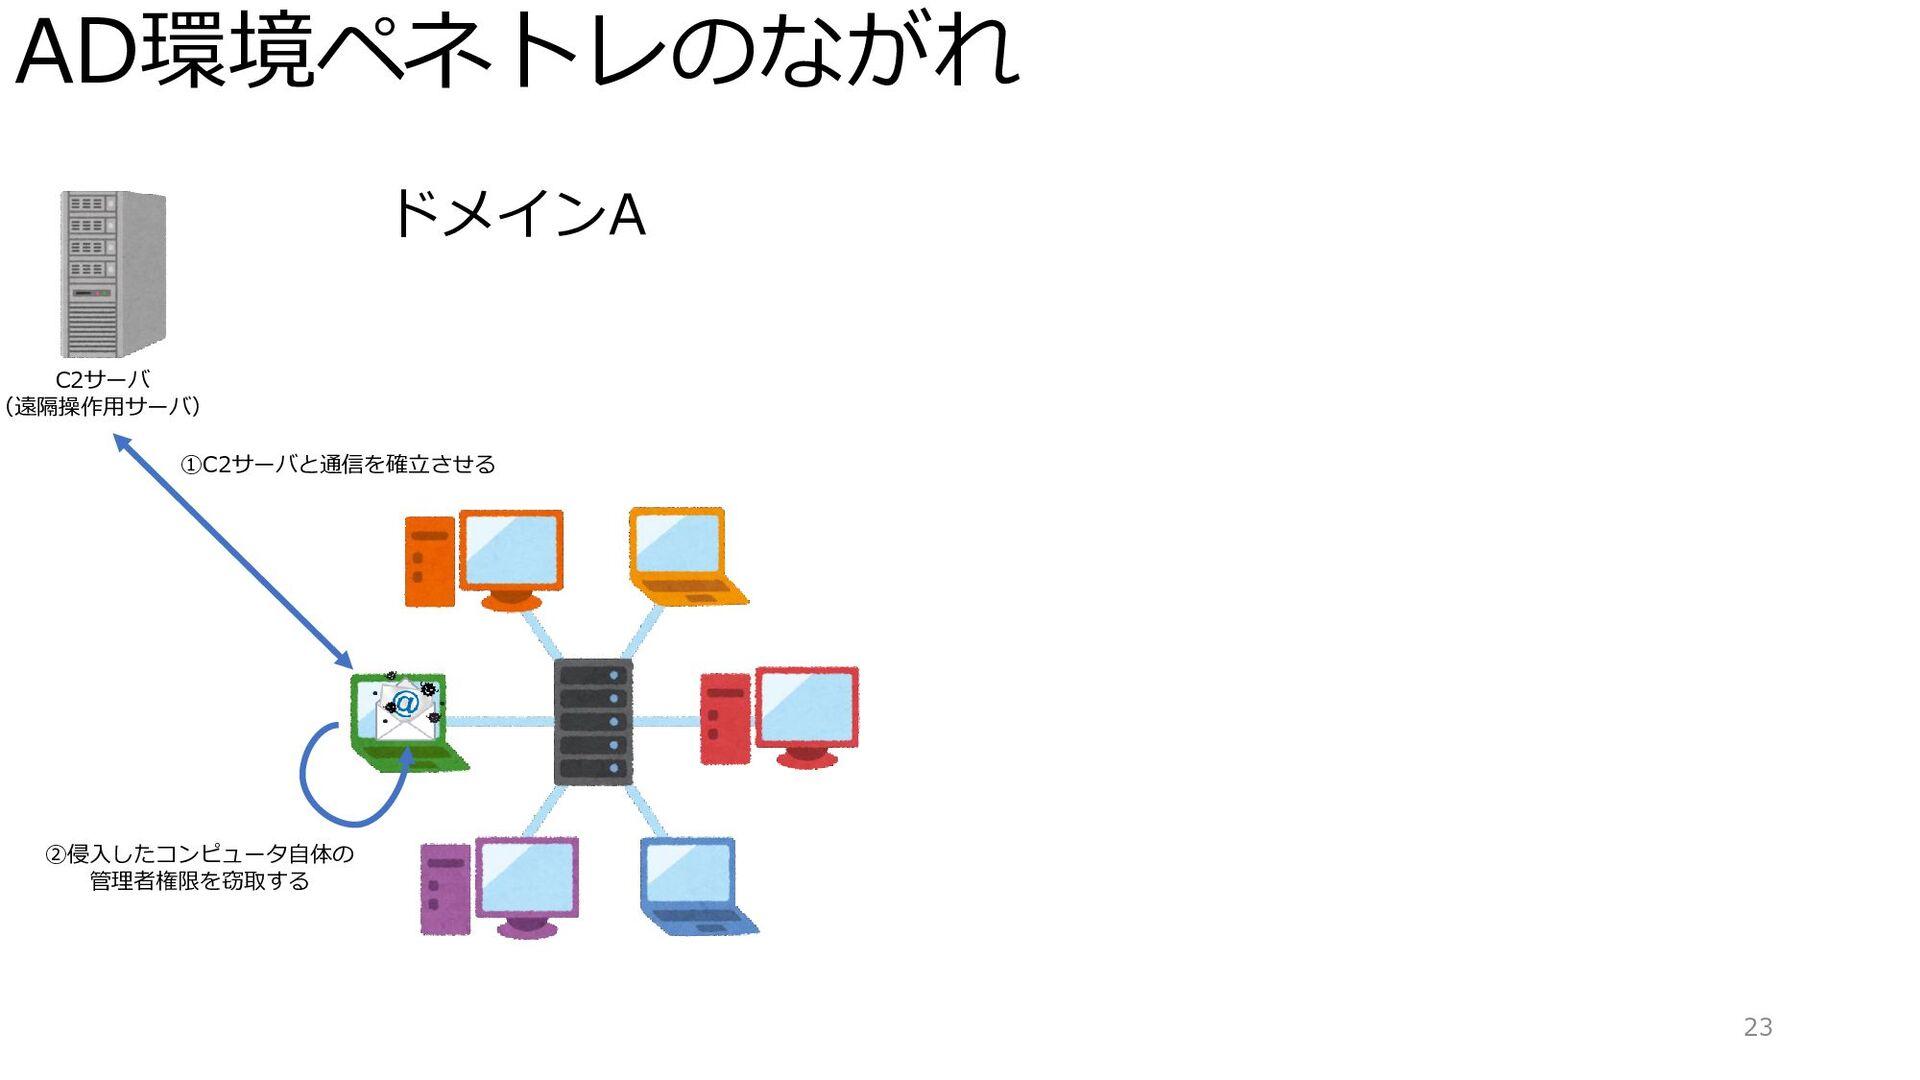 AD環境ペネトレのながれ 23 ドメインA C2サーバ (遠隔操作用サーバ) ①C2サーバと通...